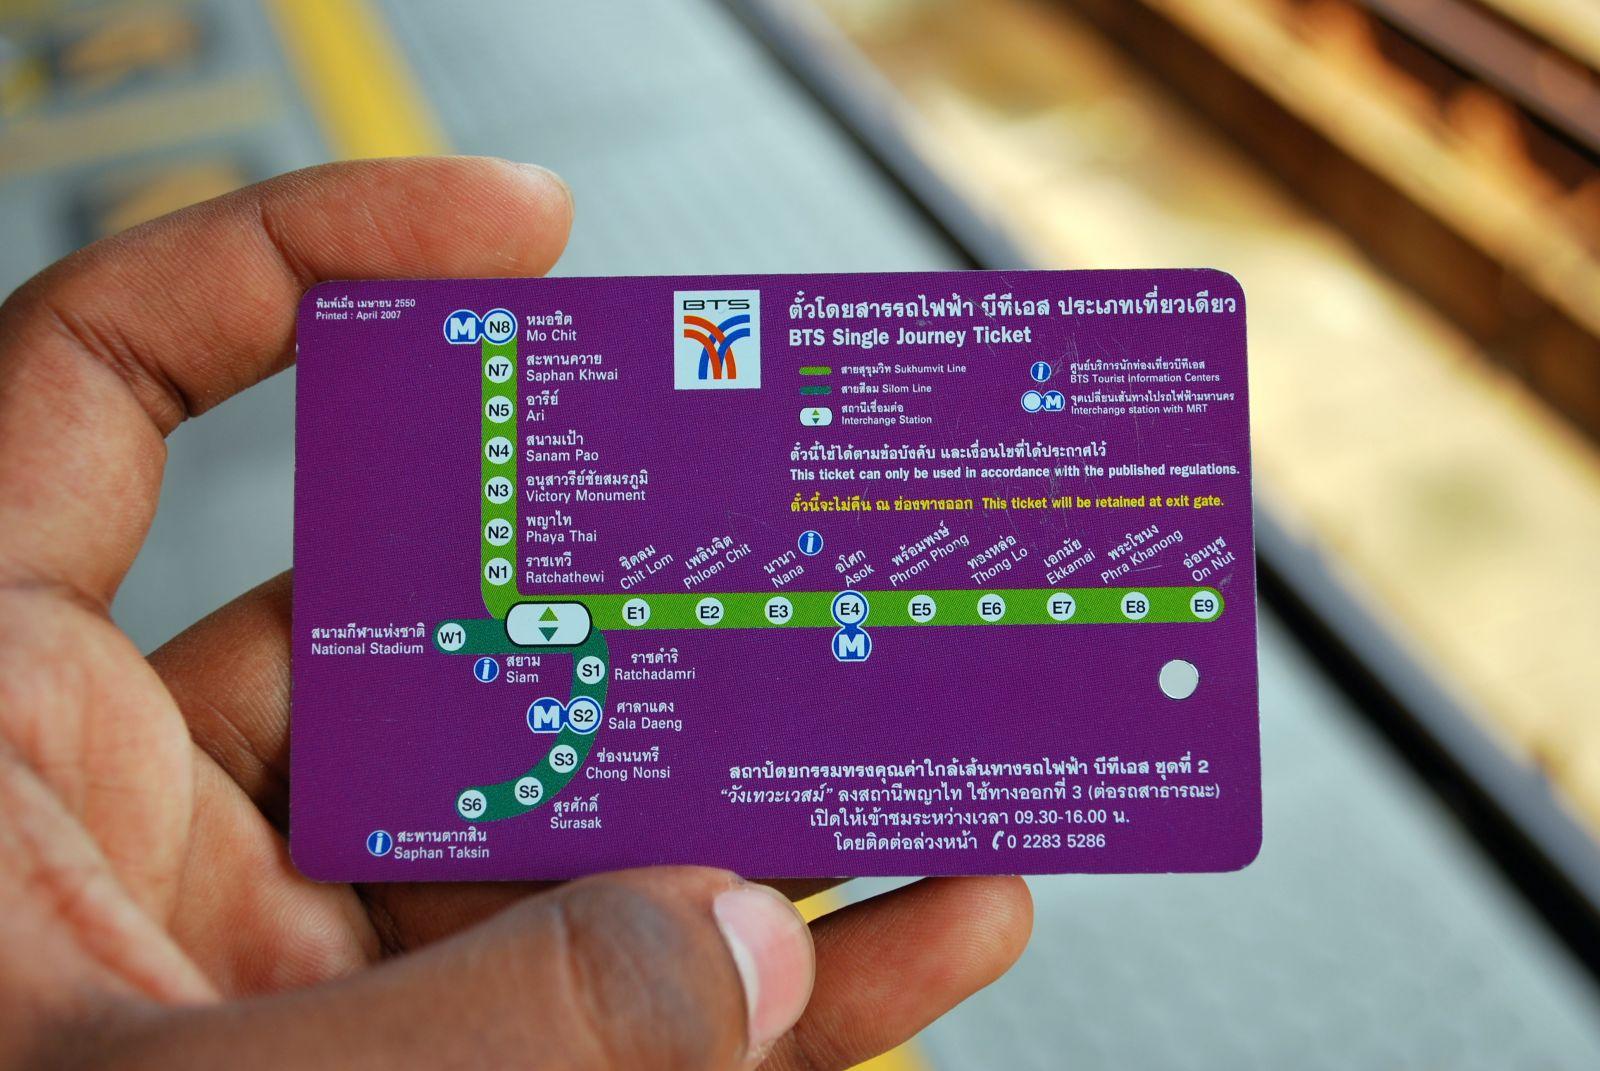 Thẻ đi tàu điện BTS